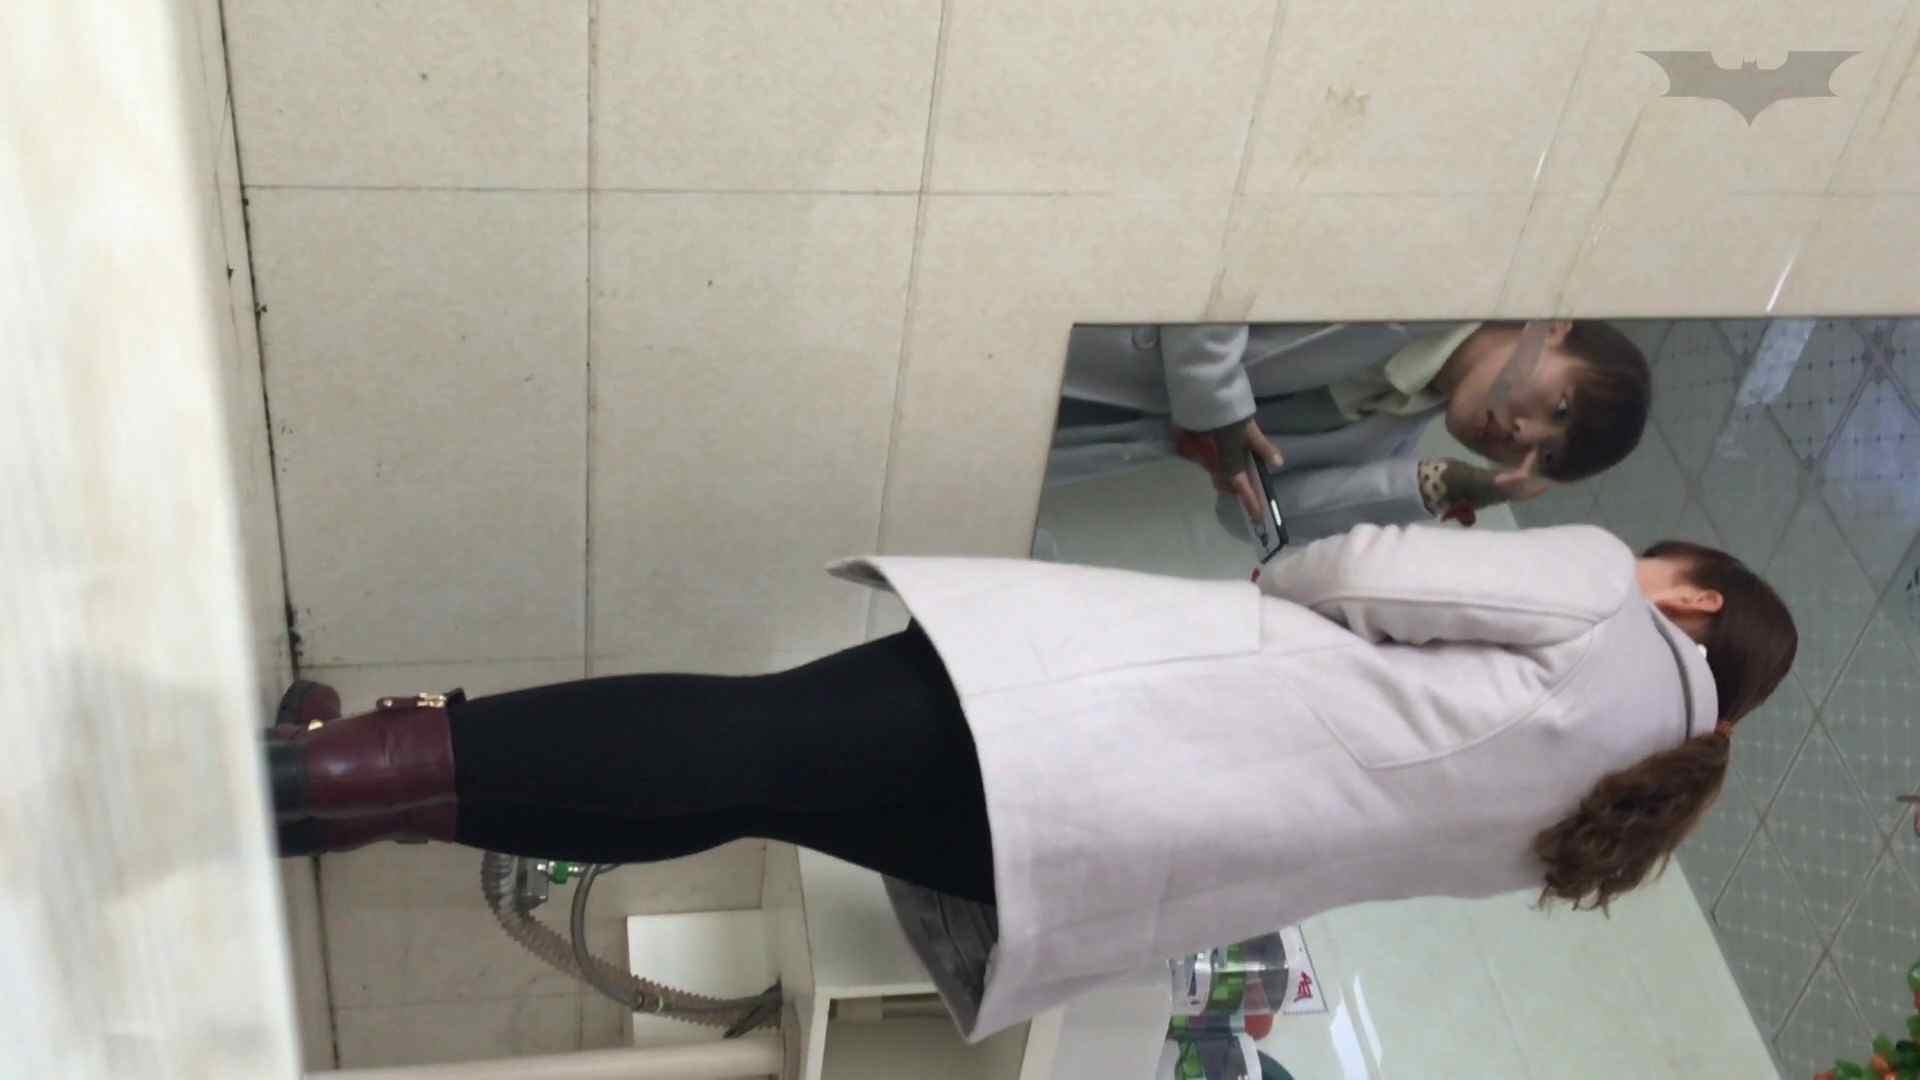 無修正エロ動画|芸術大学ガチ潜入盗撮 JD盗撮 美女の洗面所の秘密 Vol.115|怪盗ジョーカー